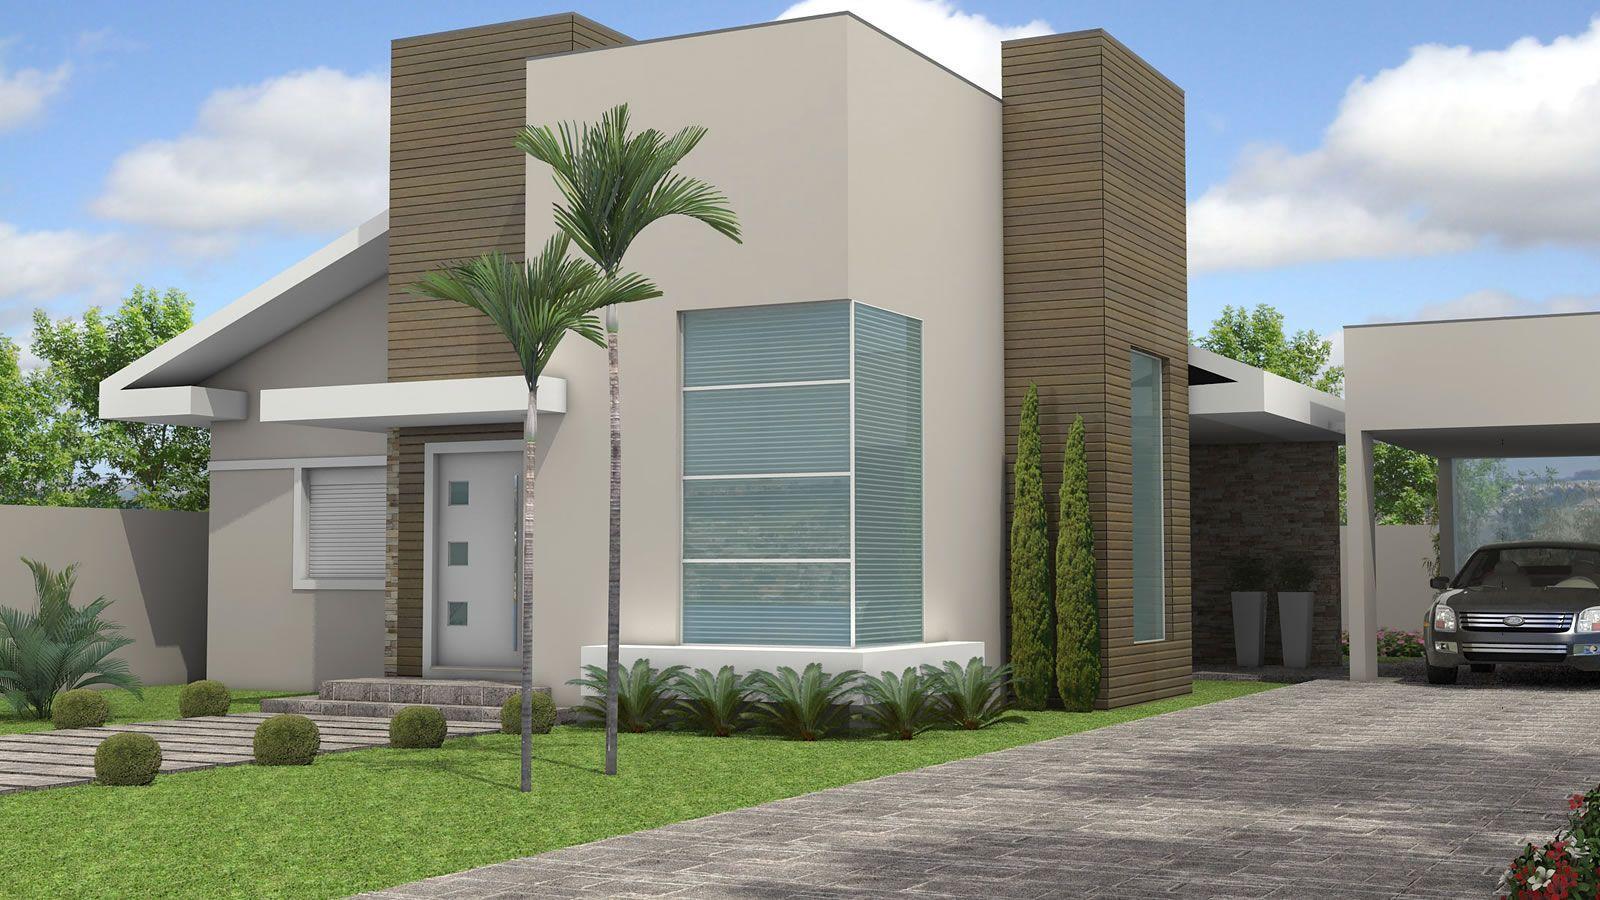 fachadas modernas de casas imagem 12